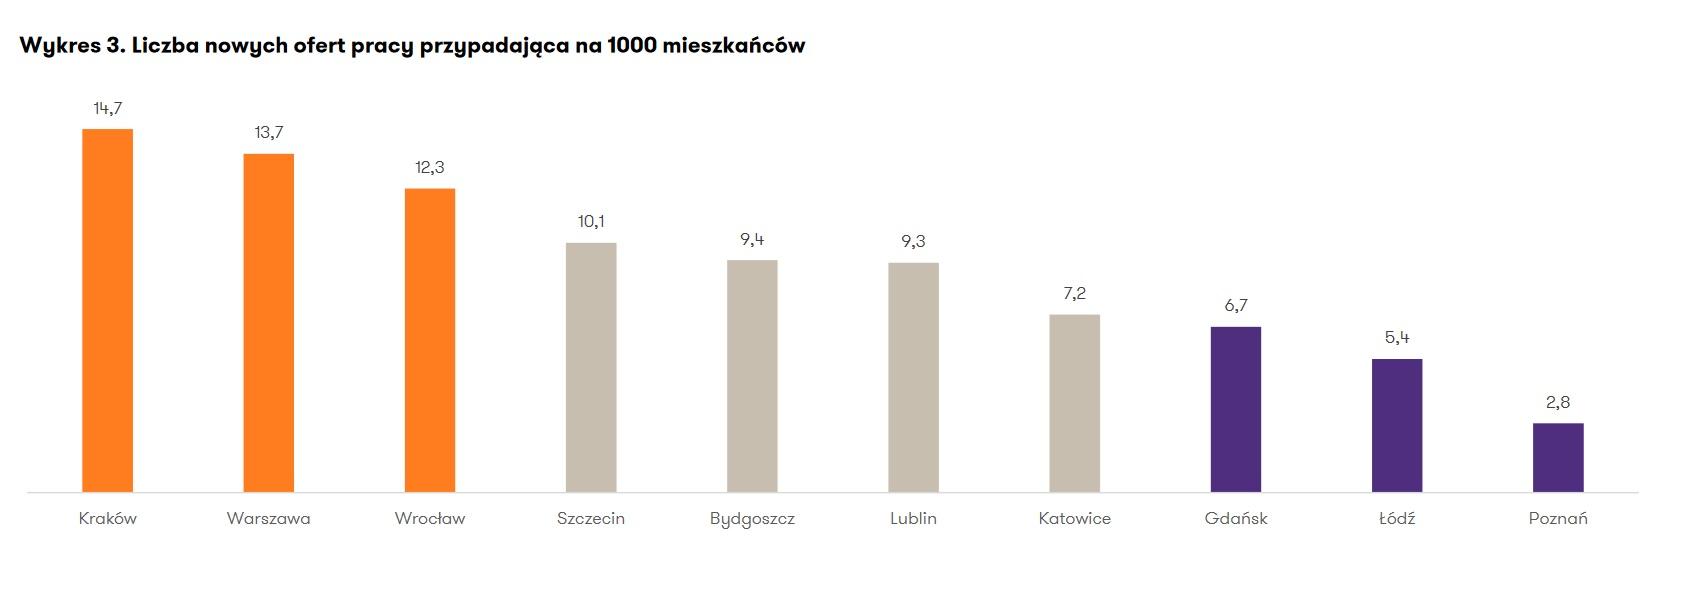 Liczba nowych ofert pracy przypadająca na 1000 mieszkańców (Źródło: Raport Grant Thornton)